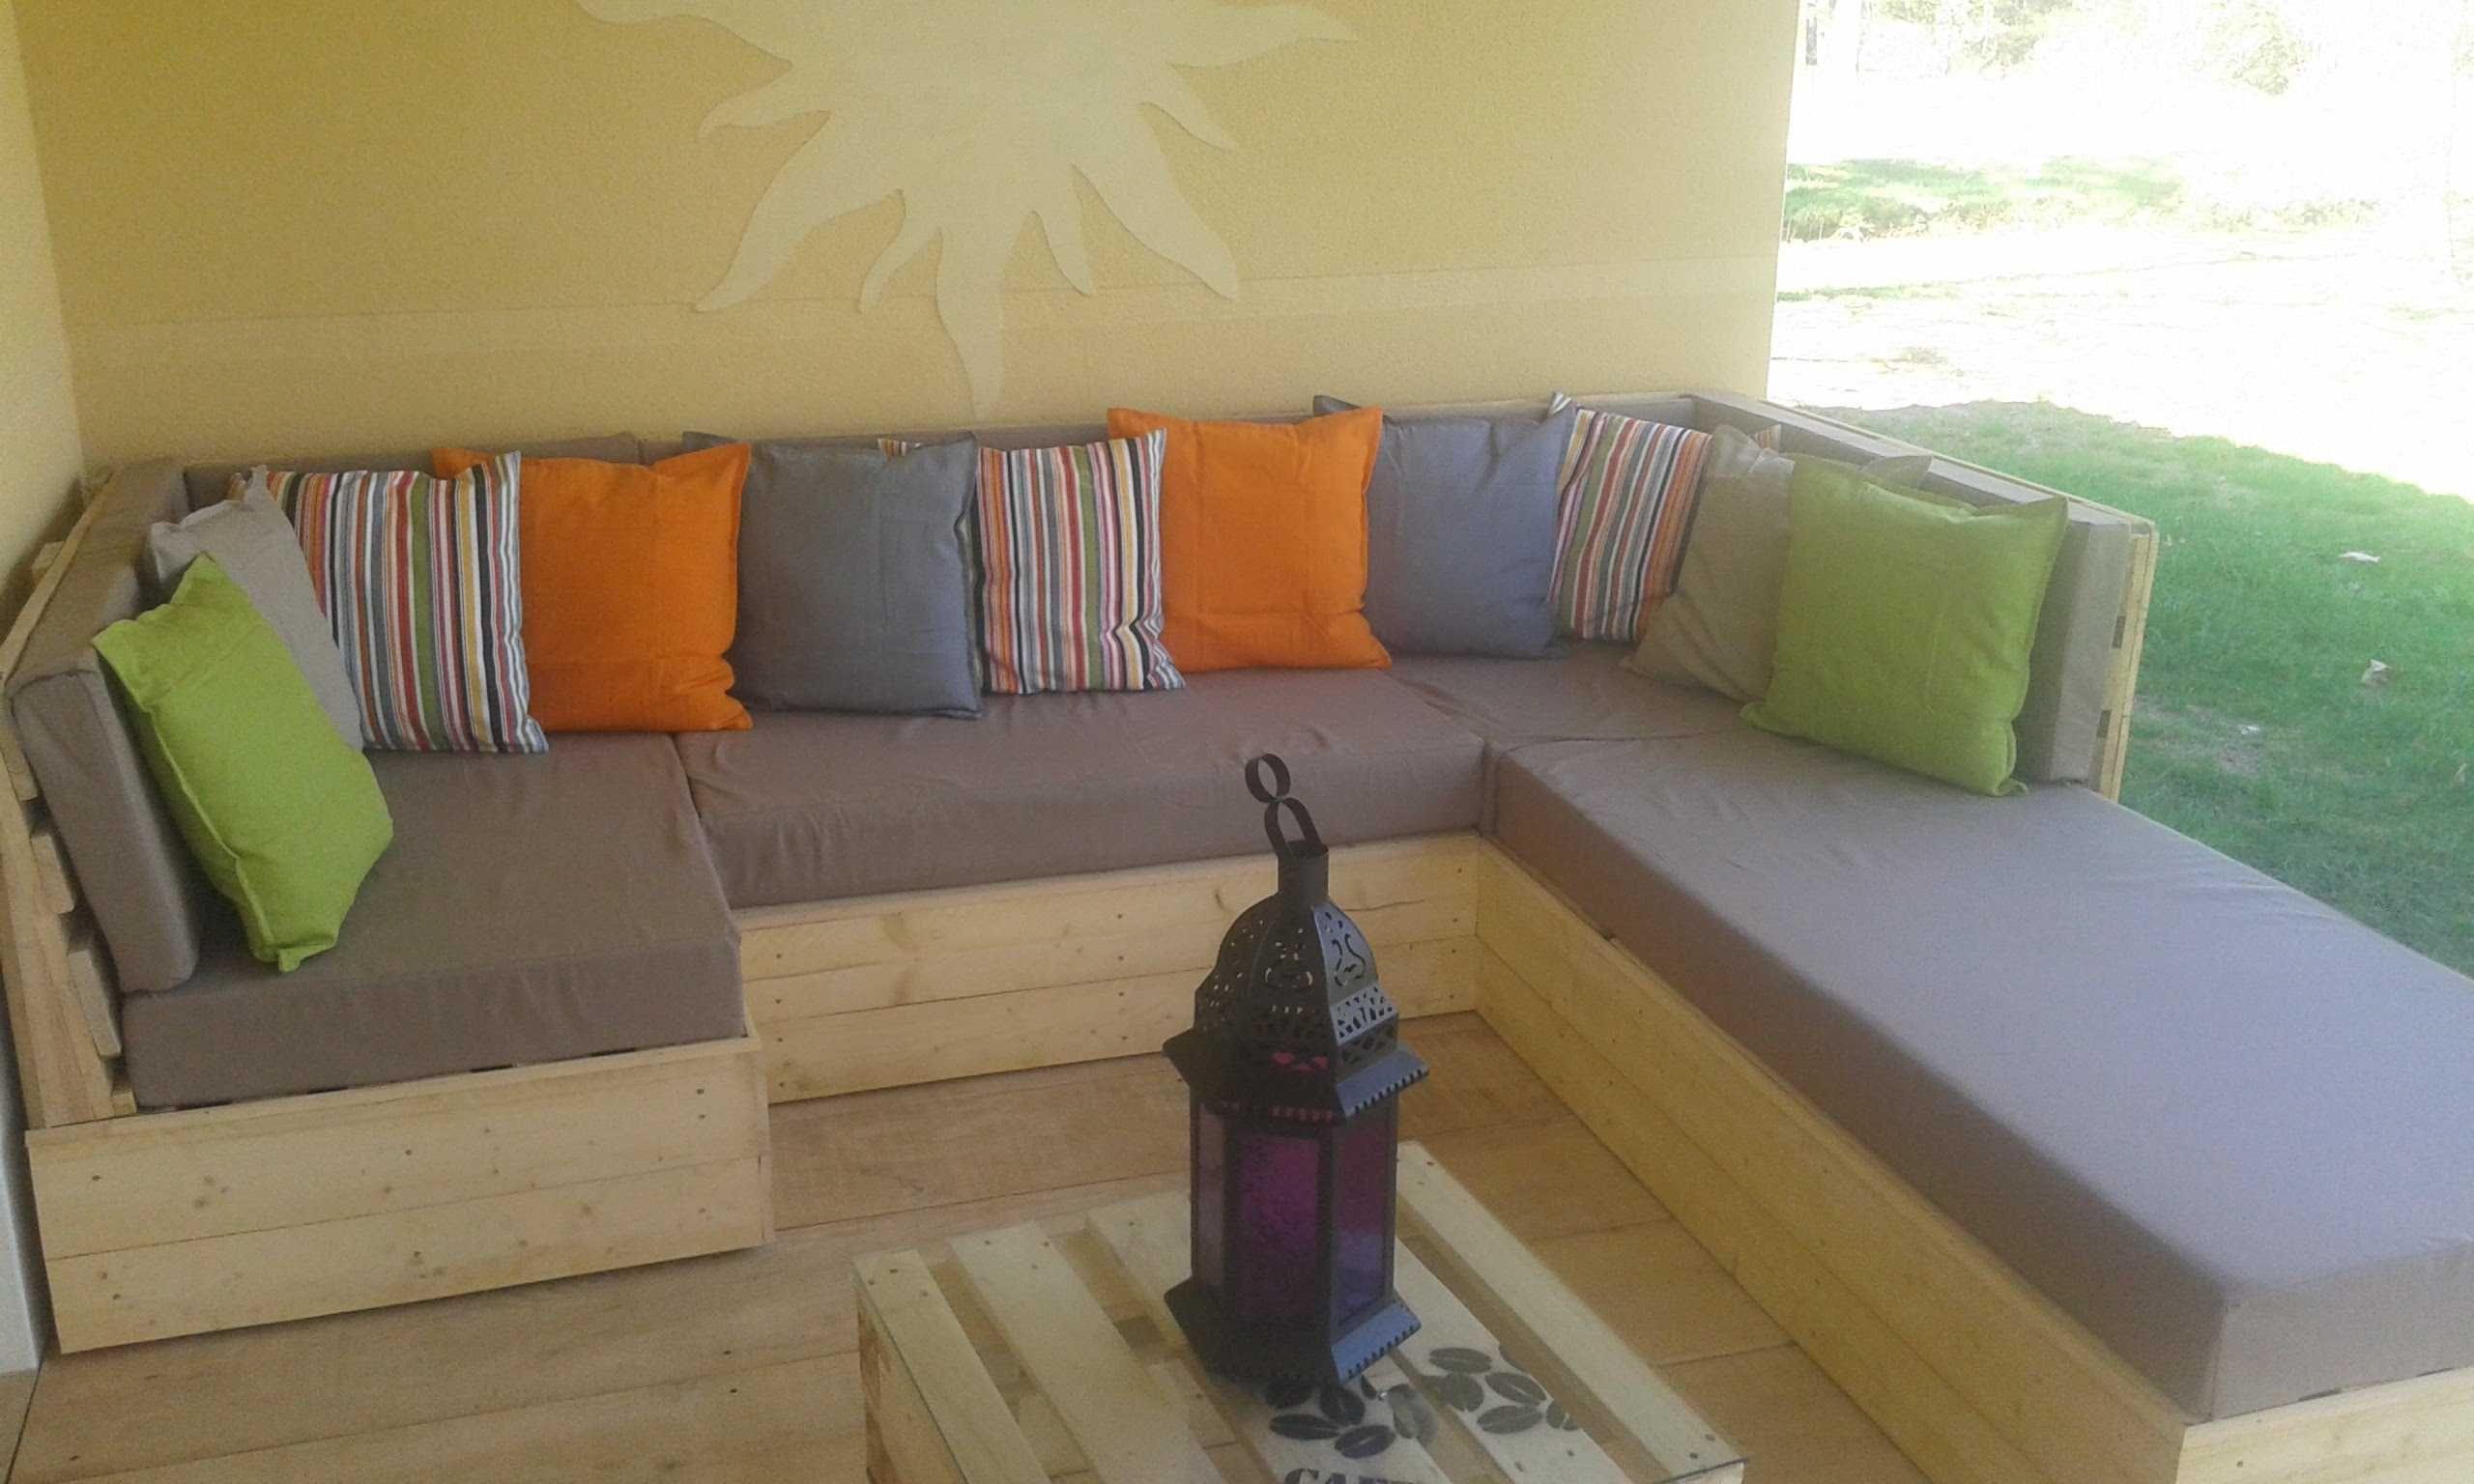 comment fabriquer un salon marocain inspirations avec comment fabriquer un salon marocain images comment fabriquer un salon marocain galerie avec comment